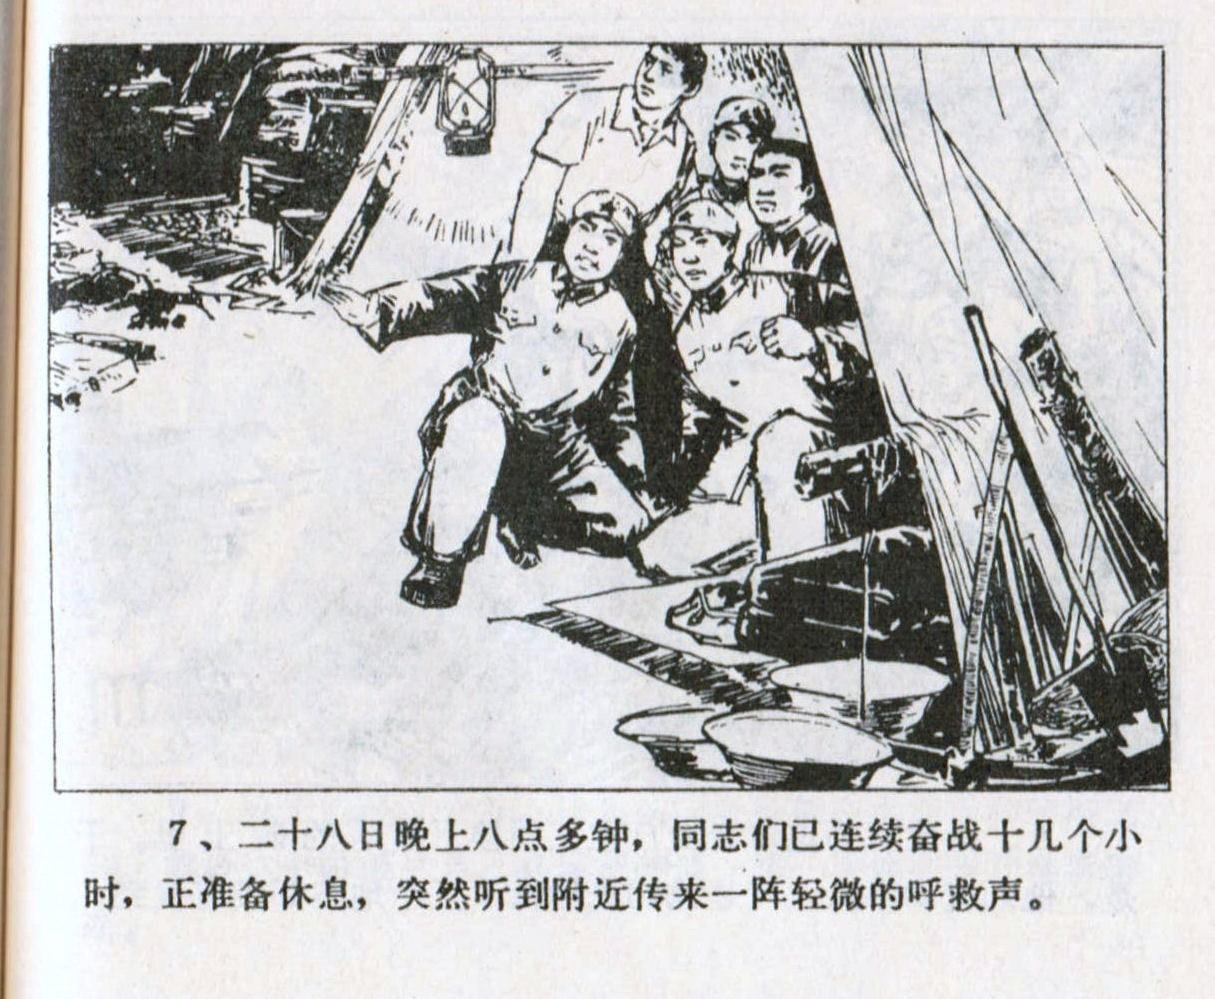 老连环画-唐山系列之十八勇士